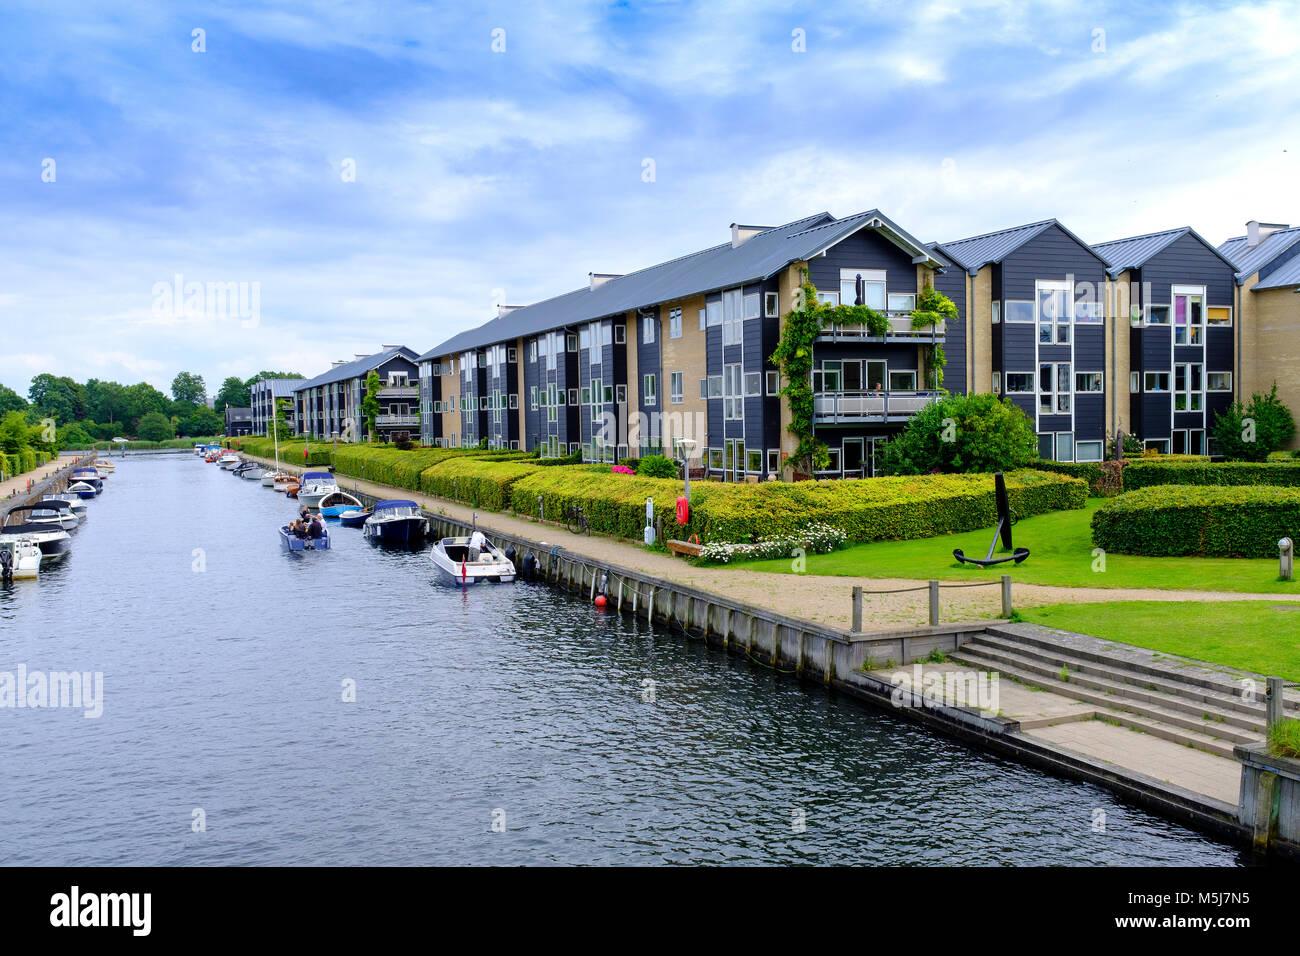 Copenhague, Dinamarca / Región Zelanda - 2017/07/26: Vista panorámica de la arquitectura contemporánea y canales de agua del distrito Christianshavn Foto de stock